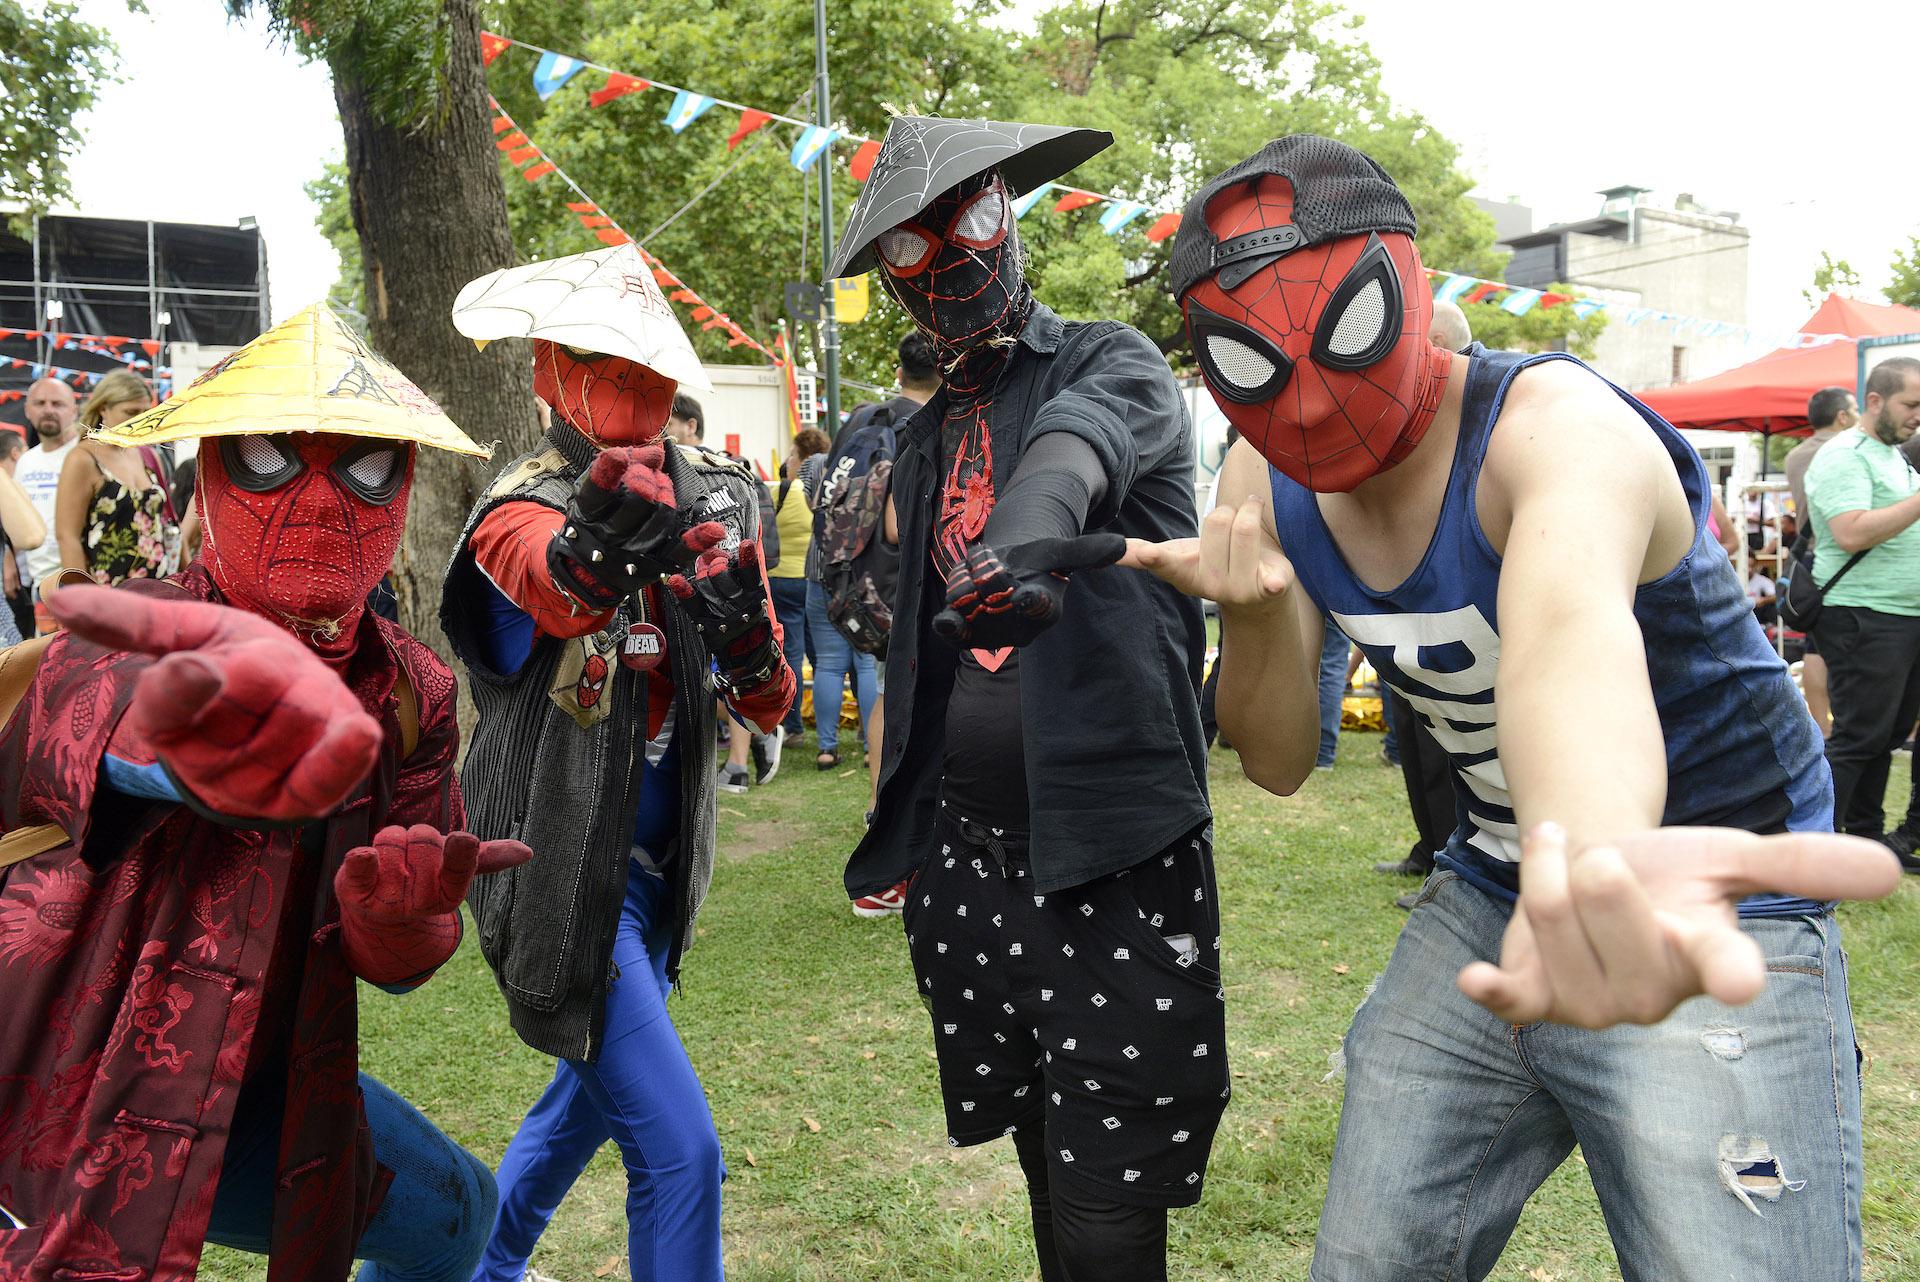 En una conjunción de culturas, se dio un raro duelo de Spidermen orientales.